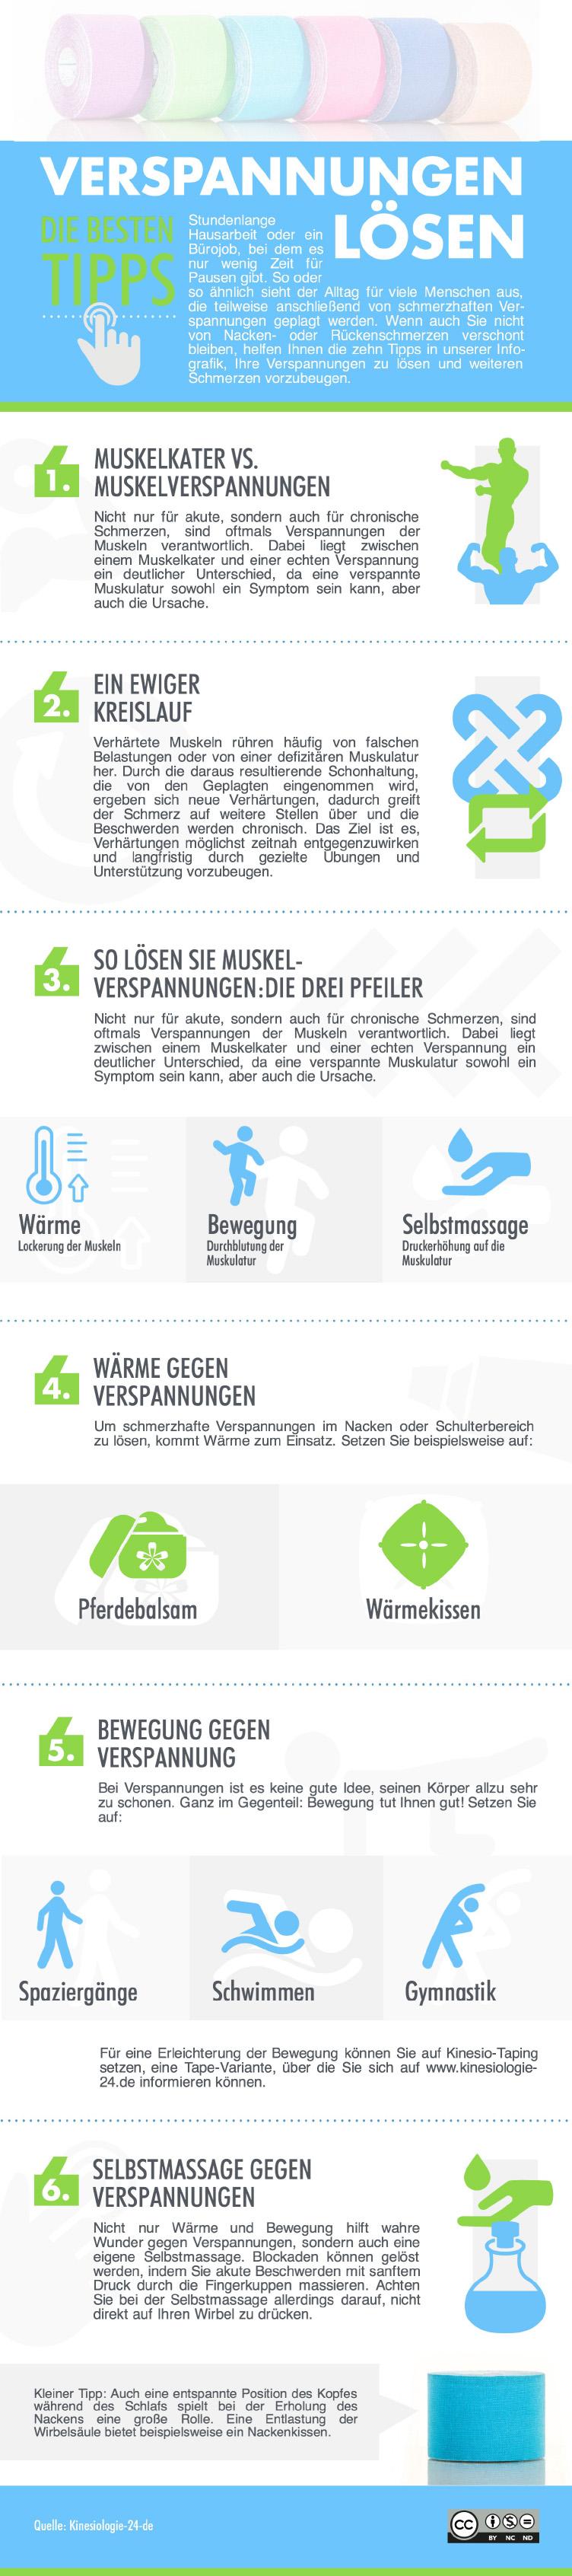 Verspannungen lösen - Die große Infografik